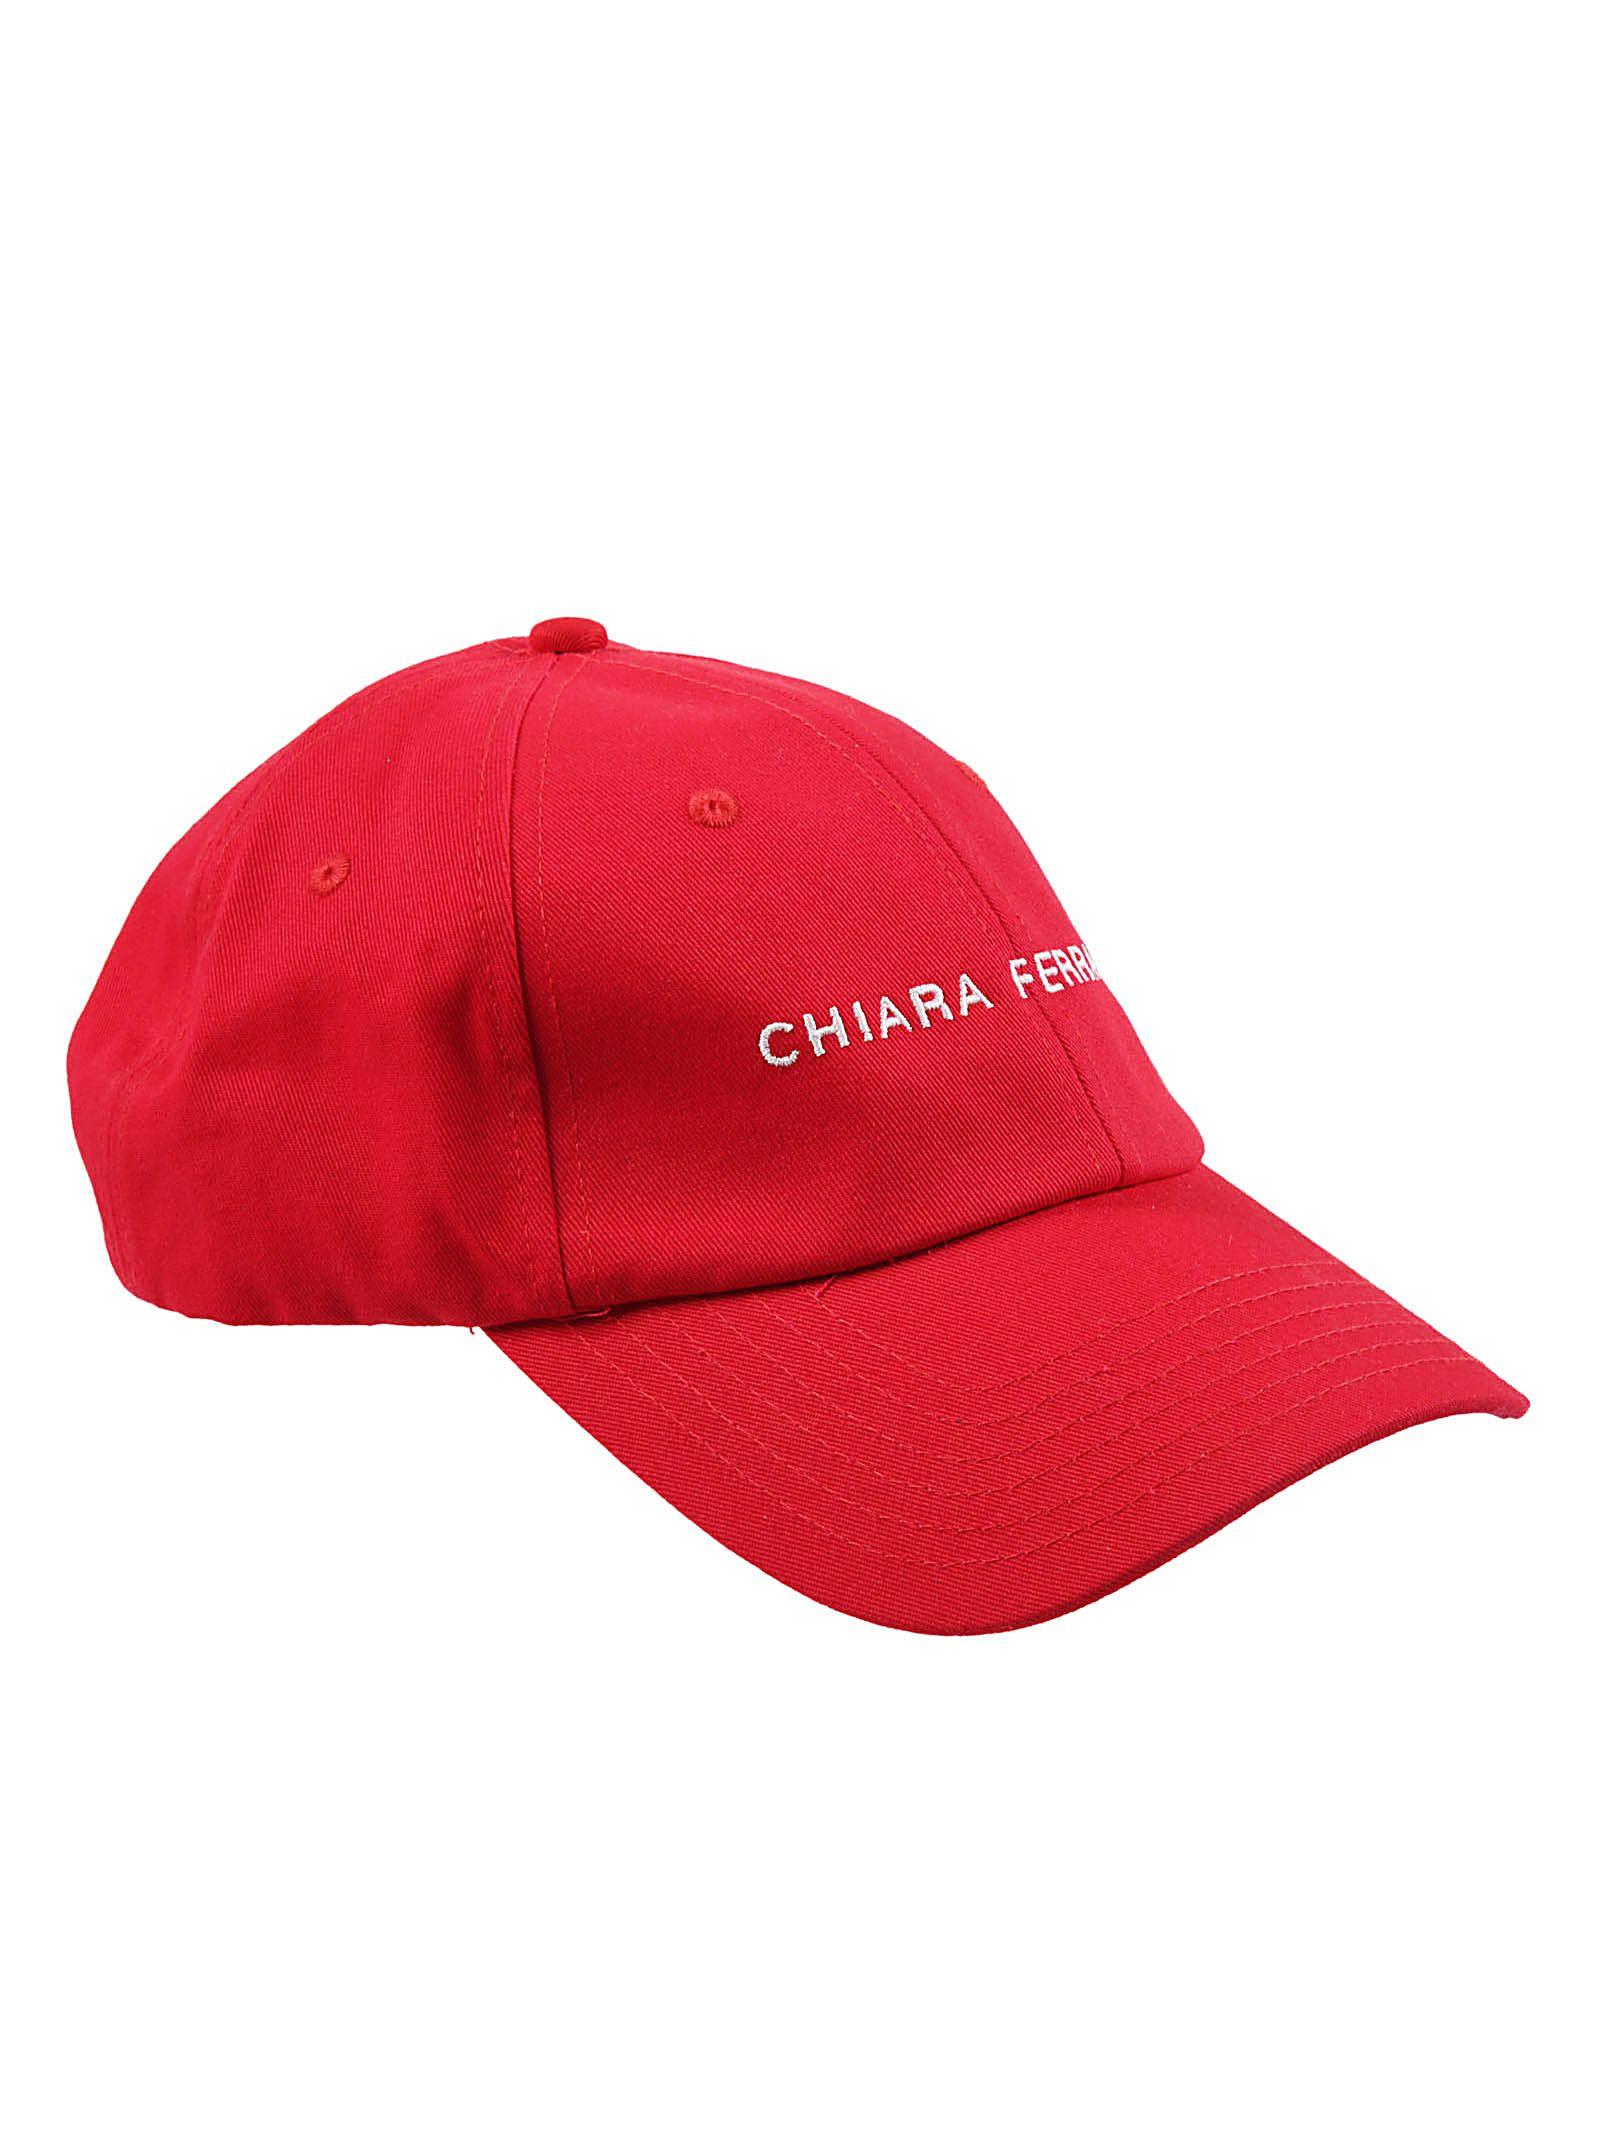 chiara ferragni -  Embroidered Logo Cap